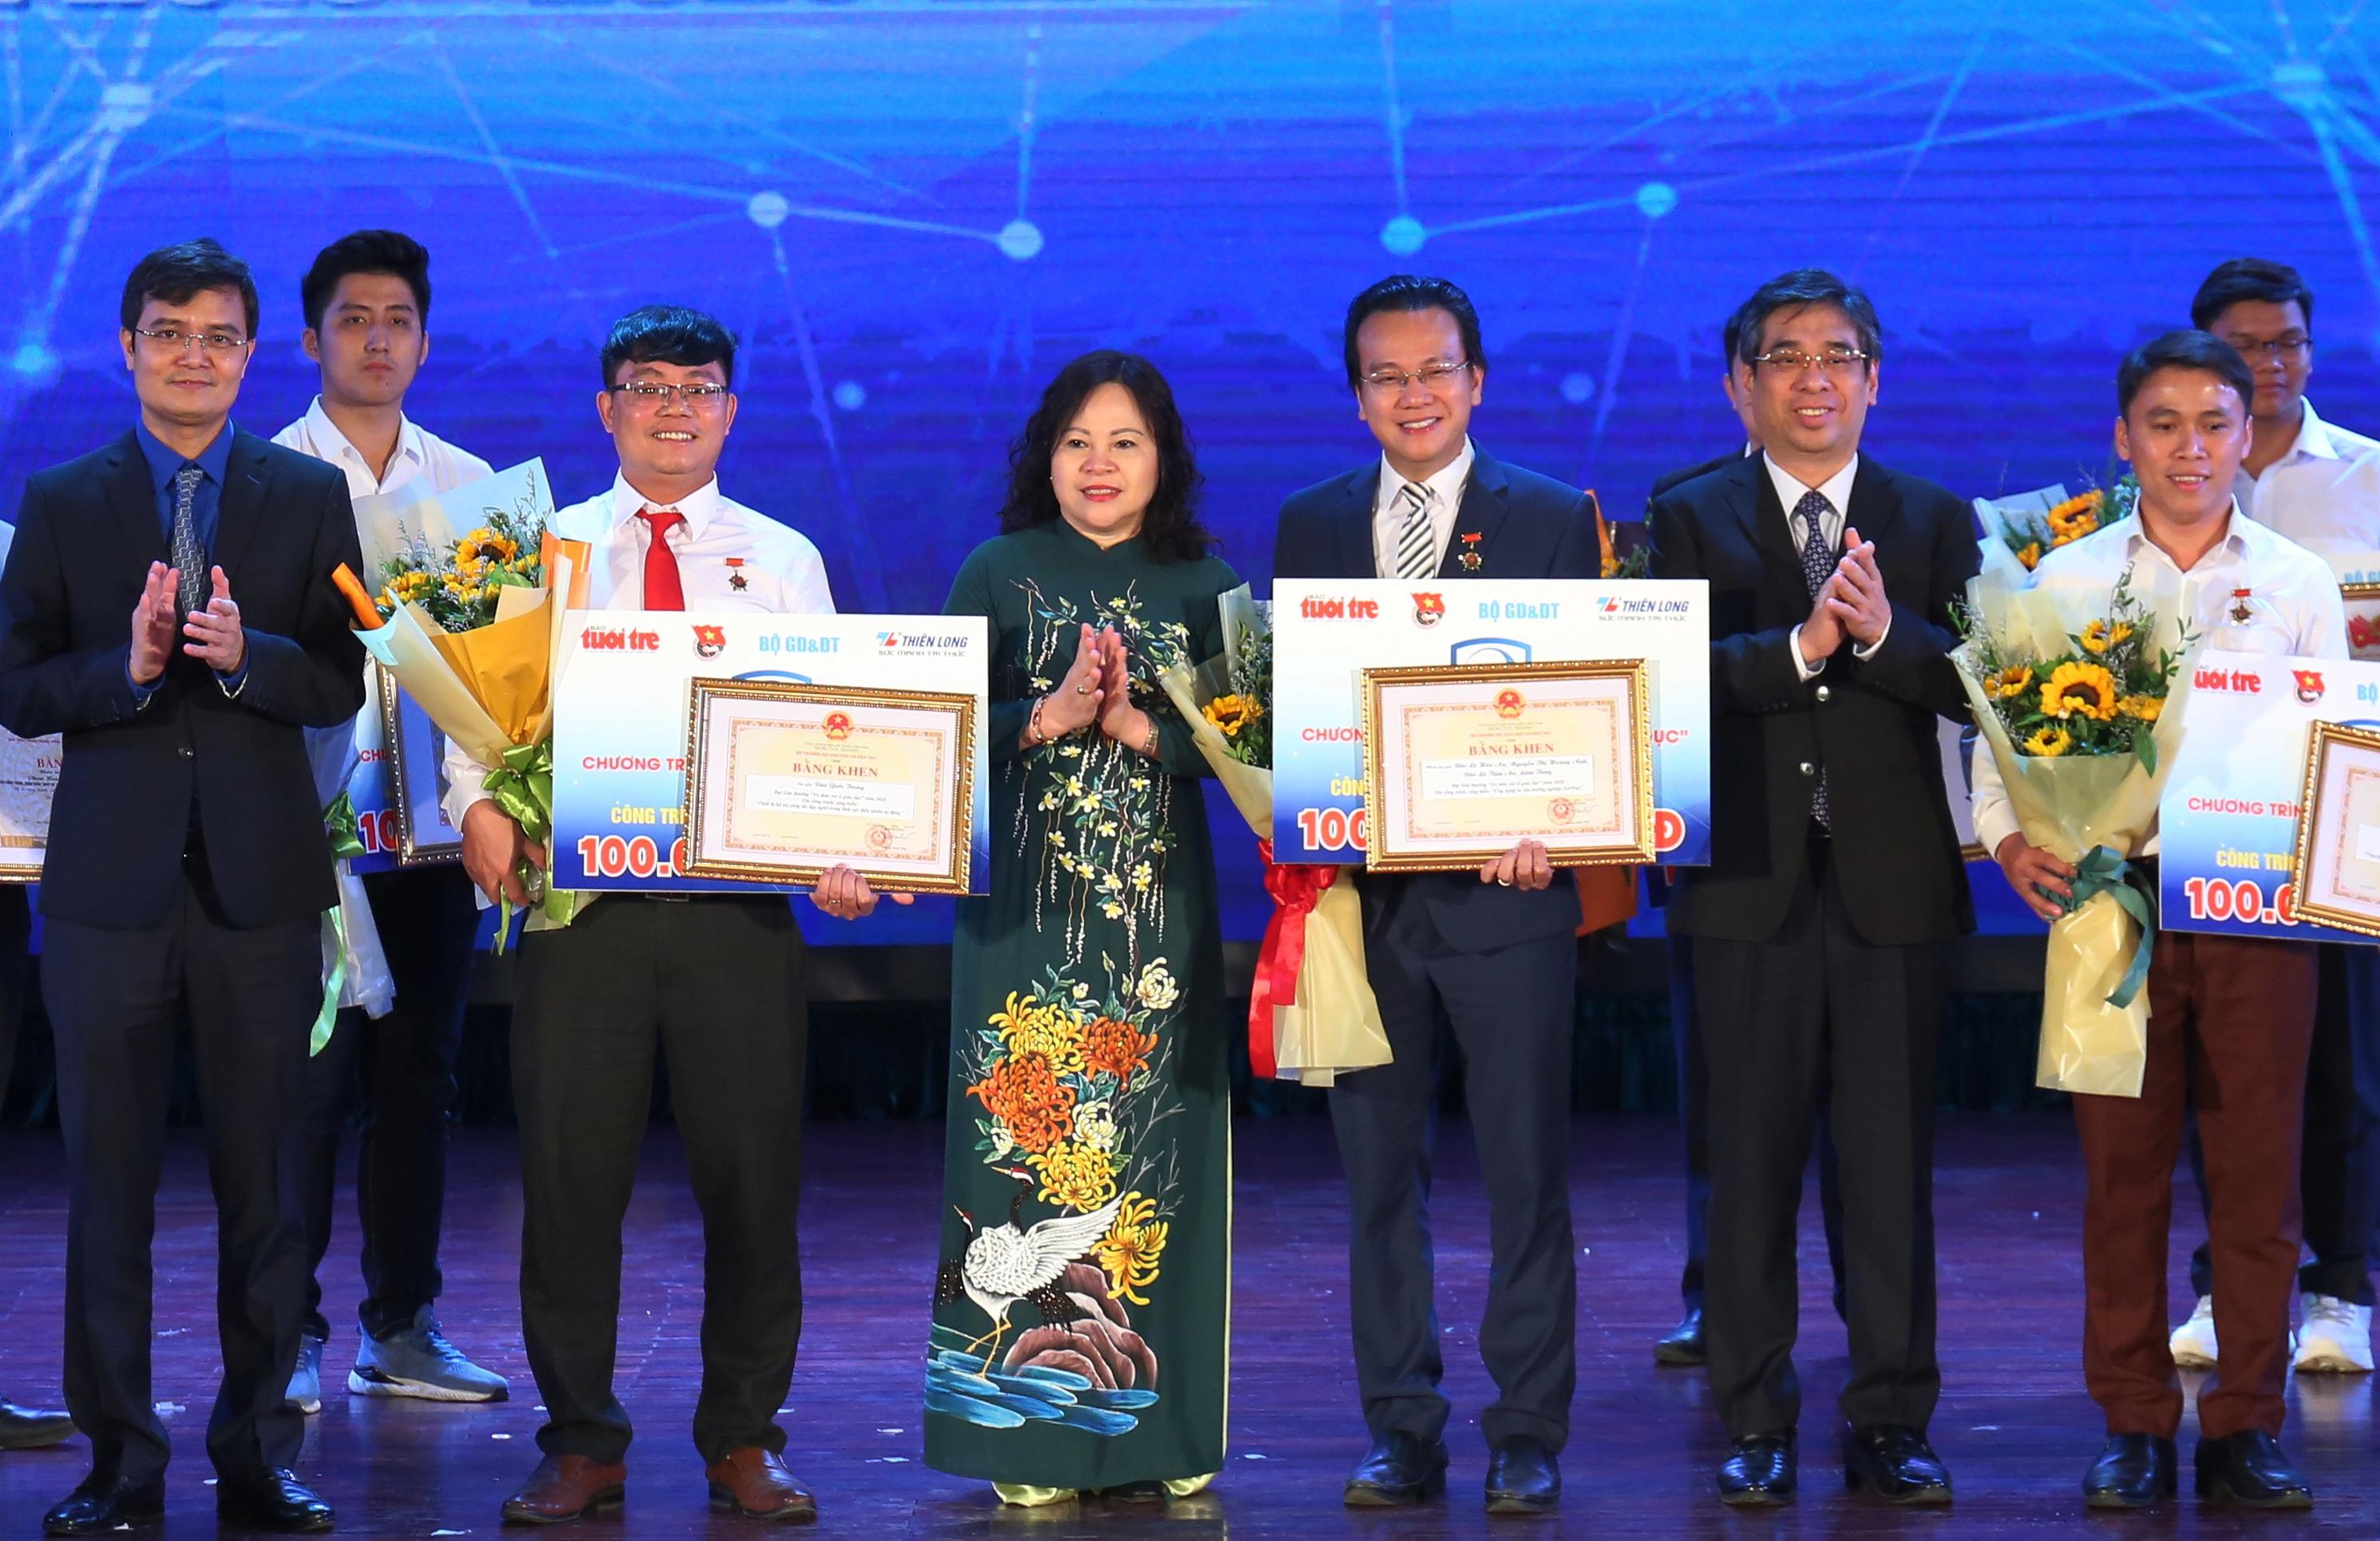 3 sáng kiến giáo dục giành giải thưởng 100 triệu đồng - 1